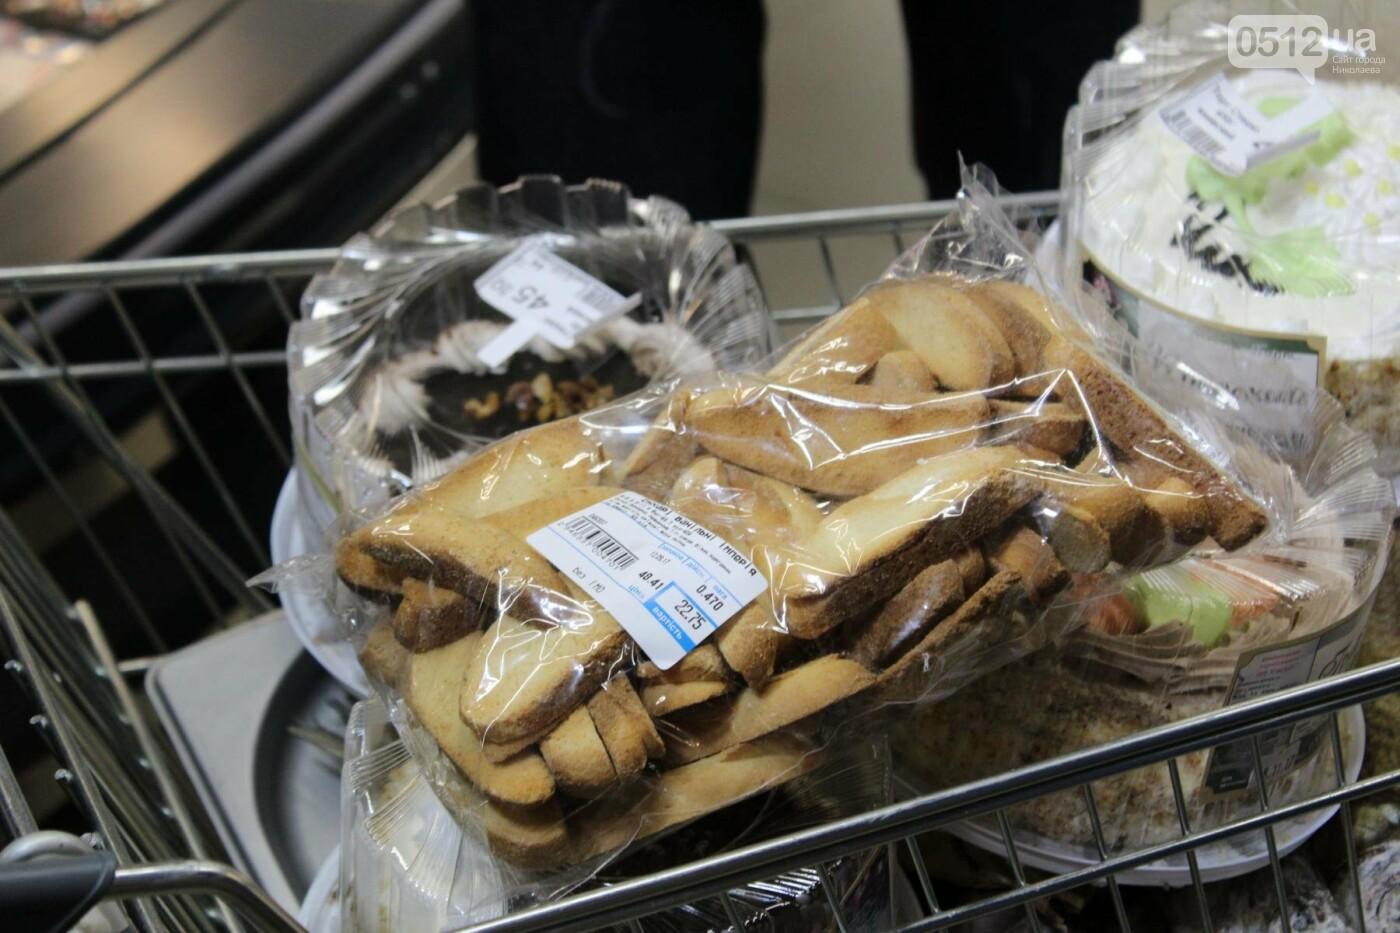 Проверка в супермаркетах: как николаевцам подсовывают испорченный товар (ФОТОРЕПОРТАЖ, ВИДЕО), фото-12